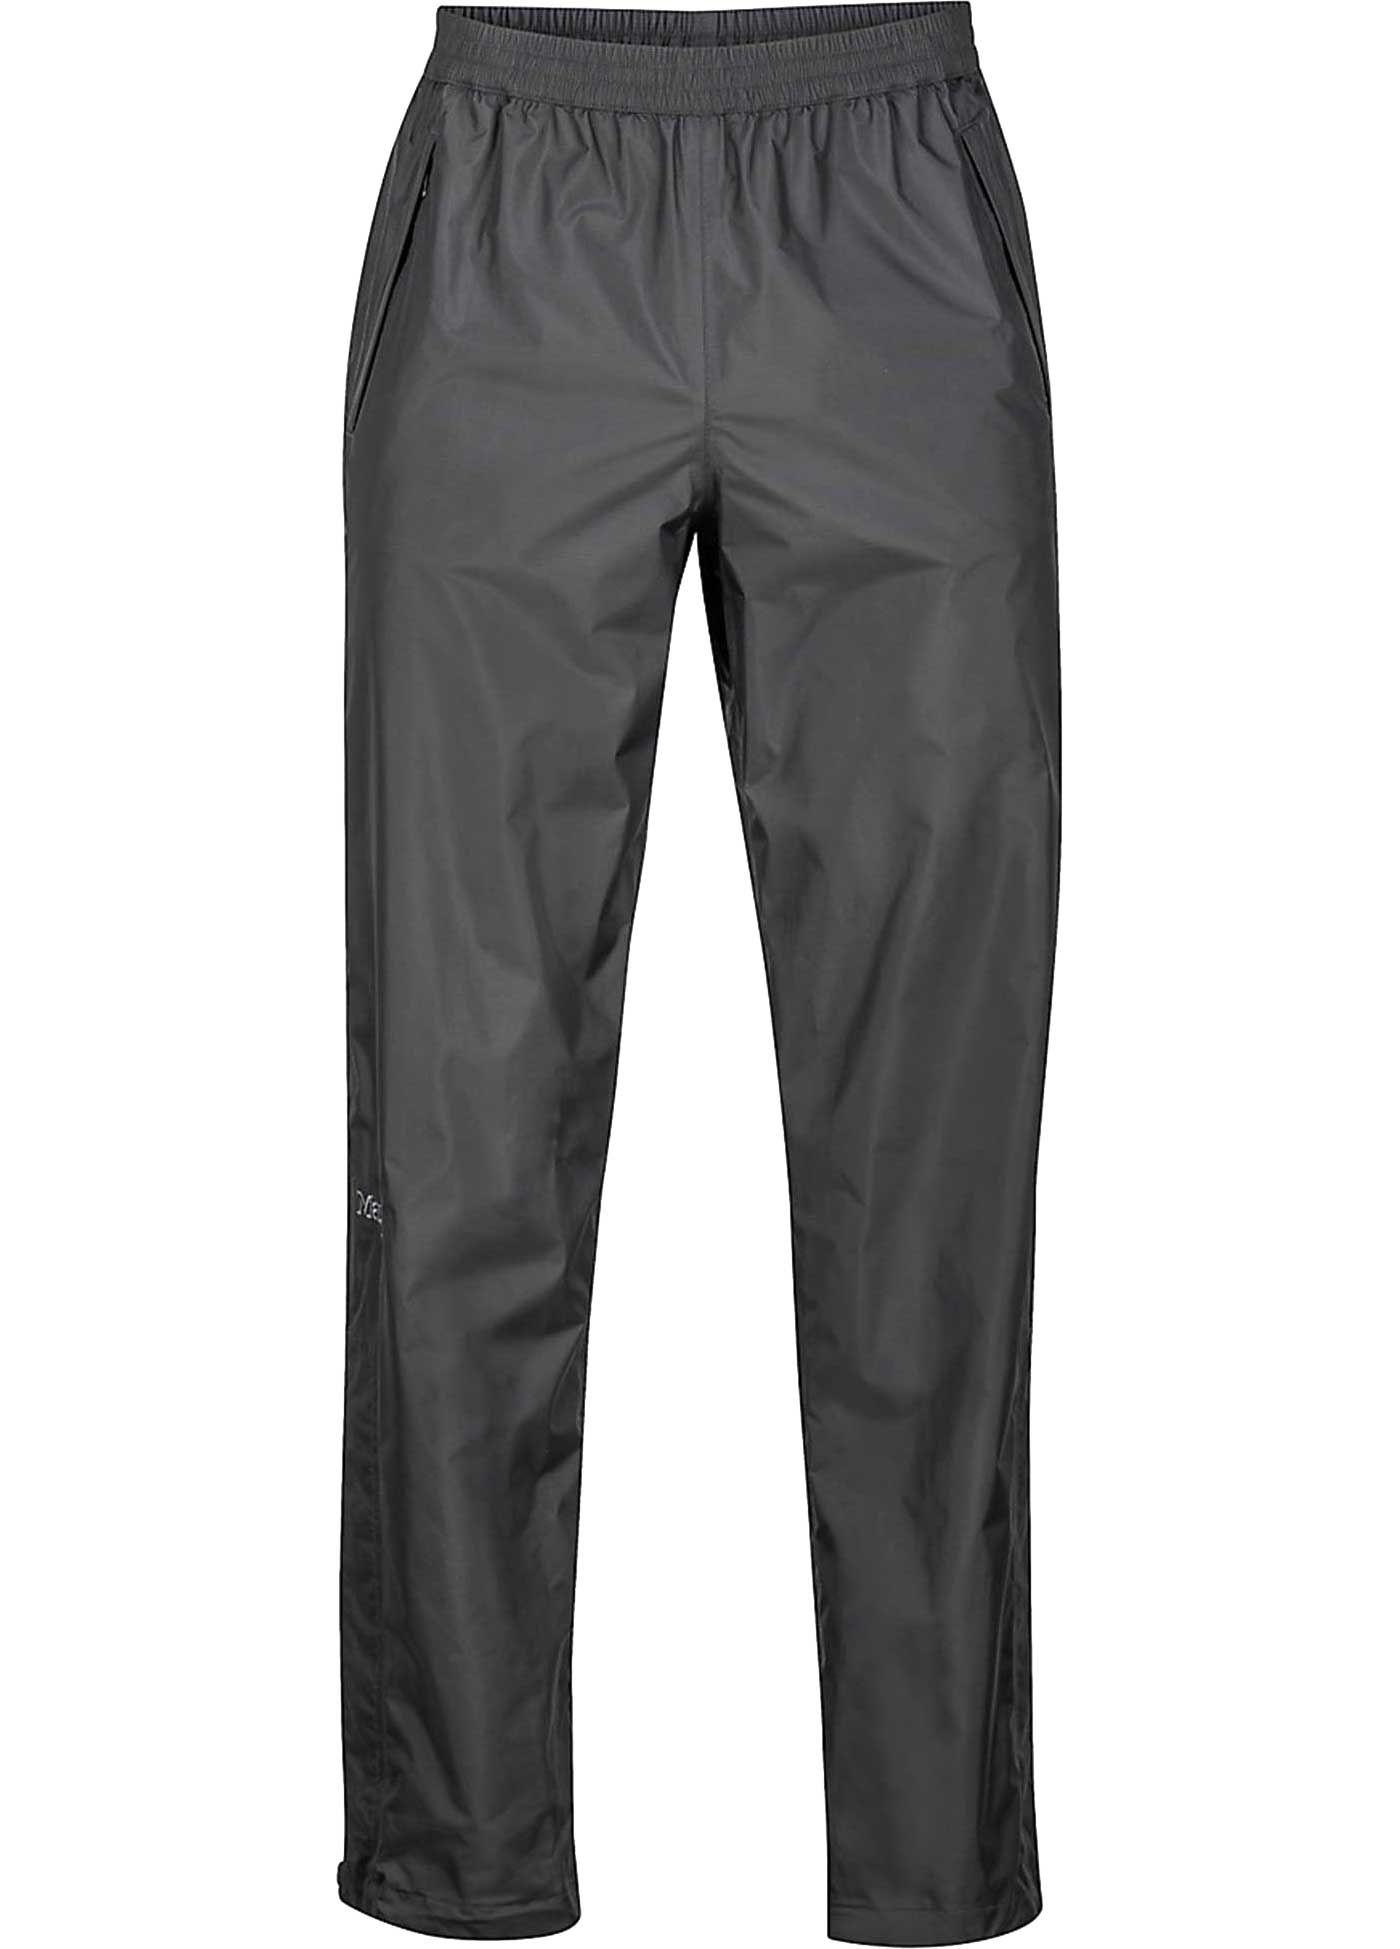 Marmot Men's PreCip Rain Pants